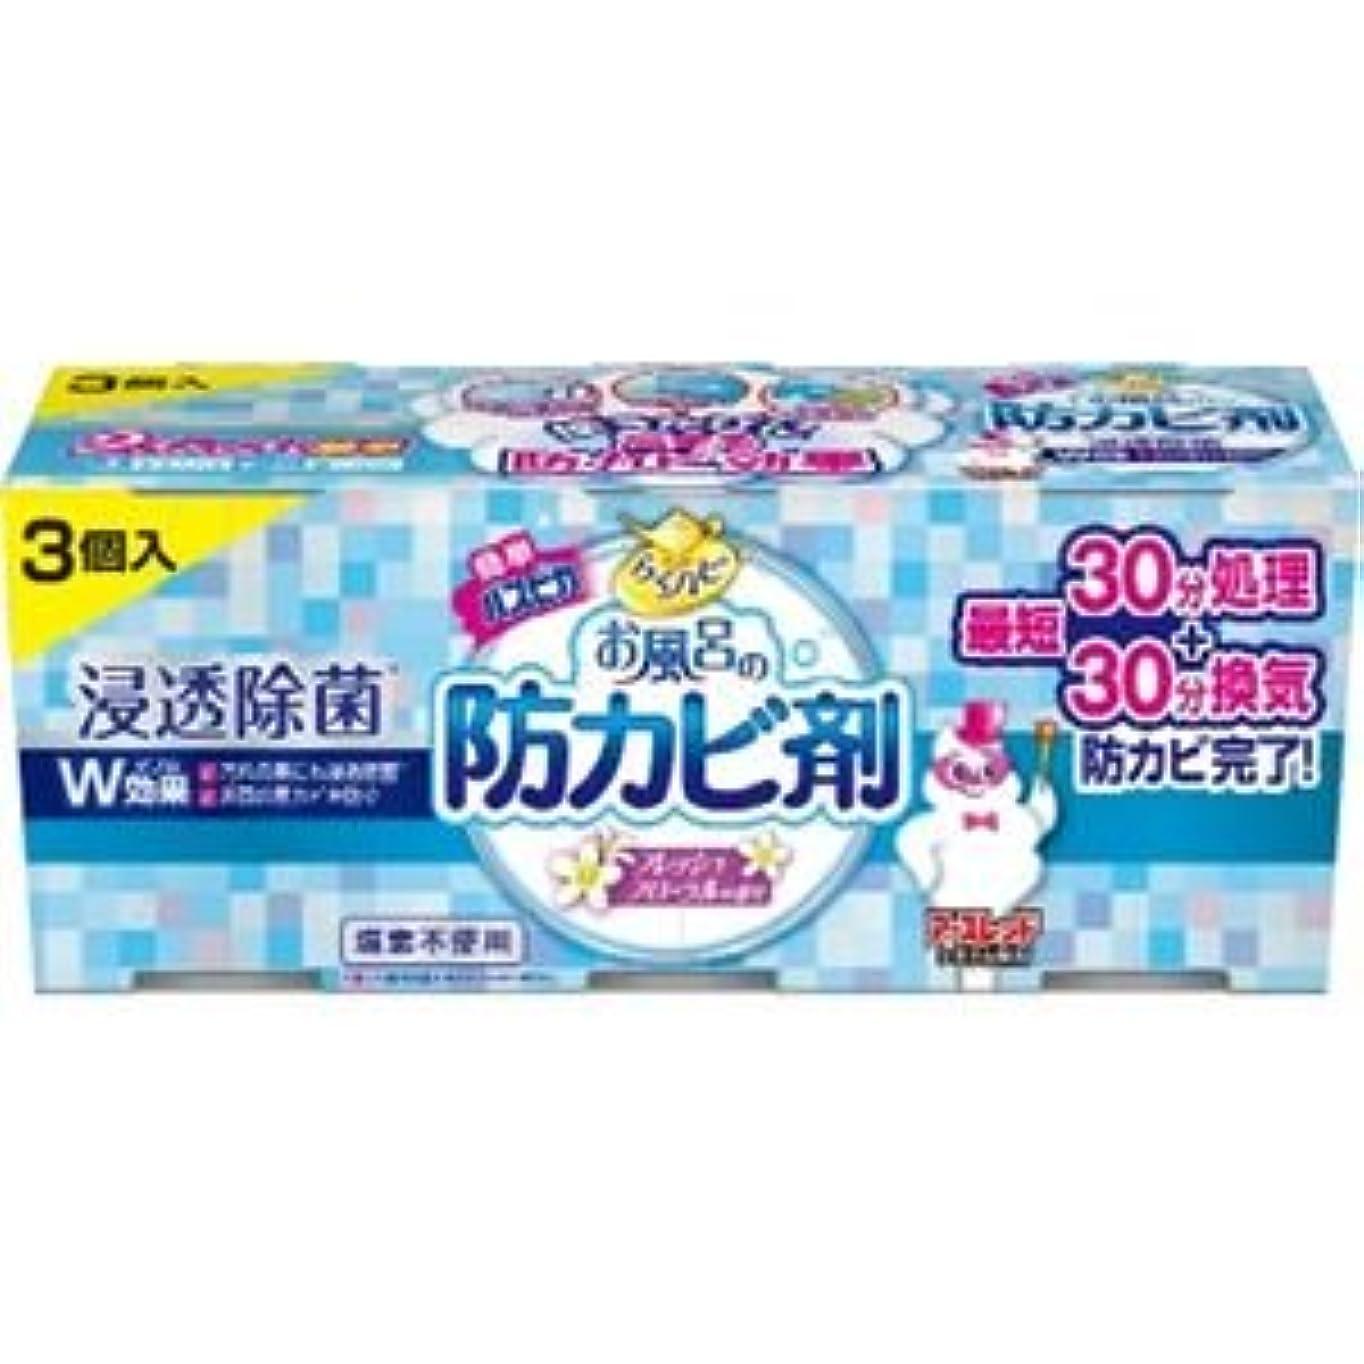 簡略化する倍増出費(まとめ)アース製薬 らくハピお風呂の防カビ剤フローラル3個パック 【×3点セット】